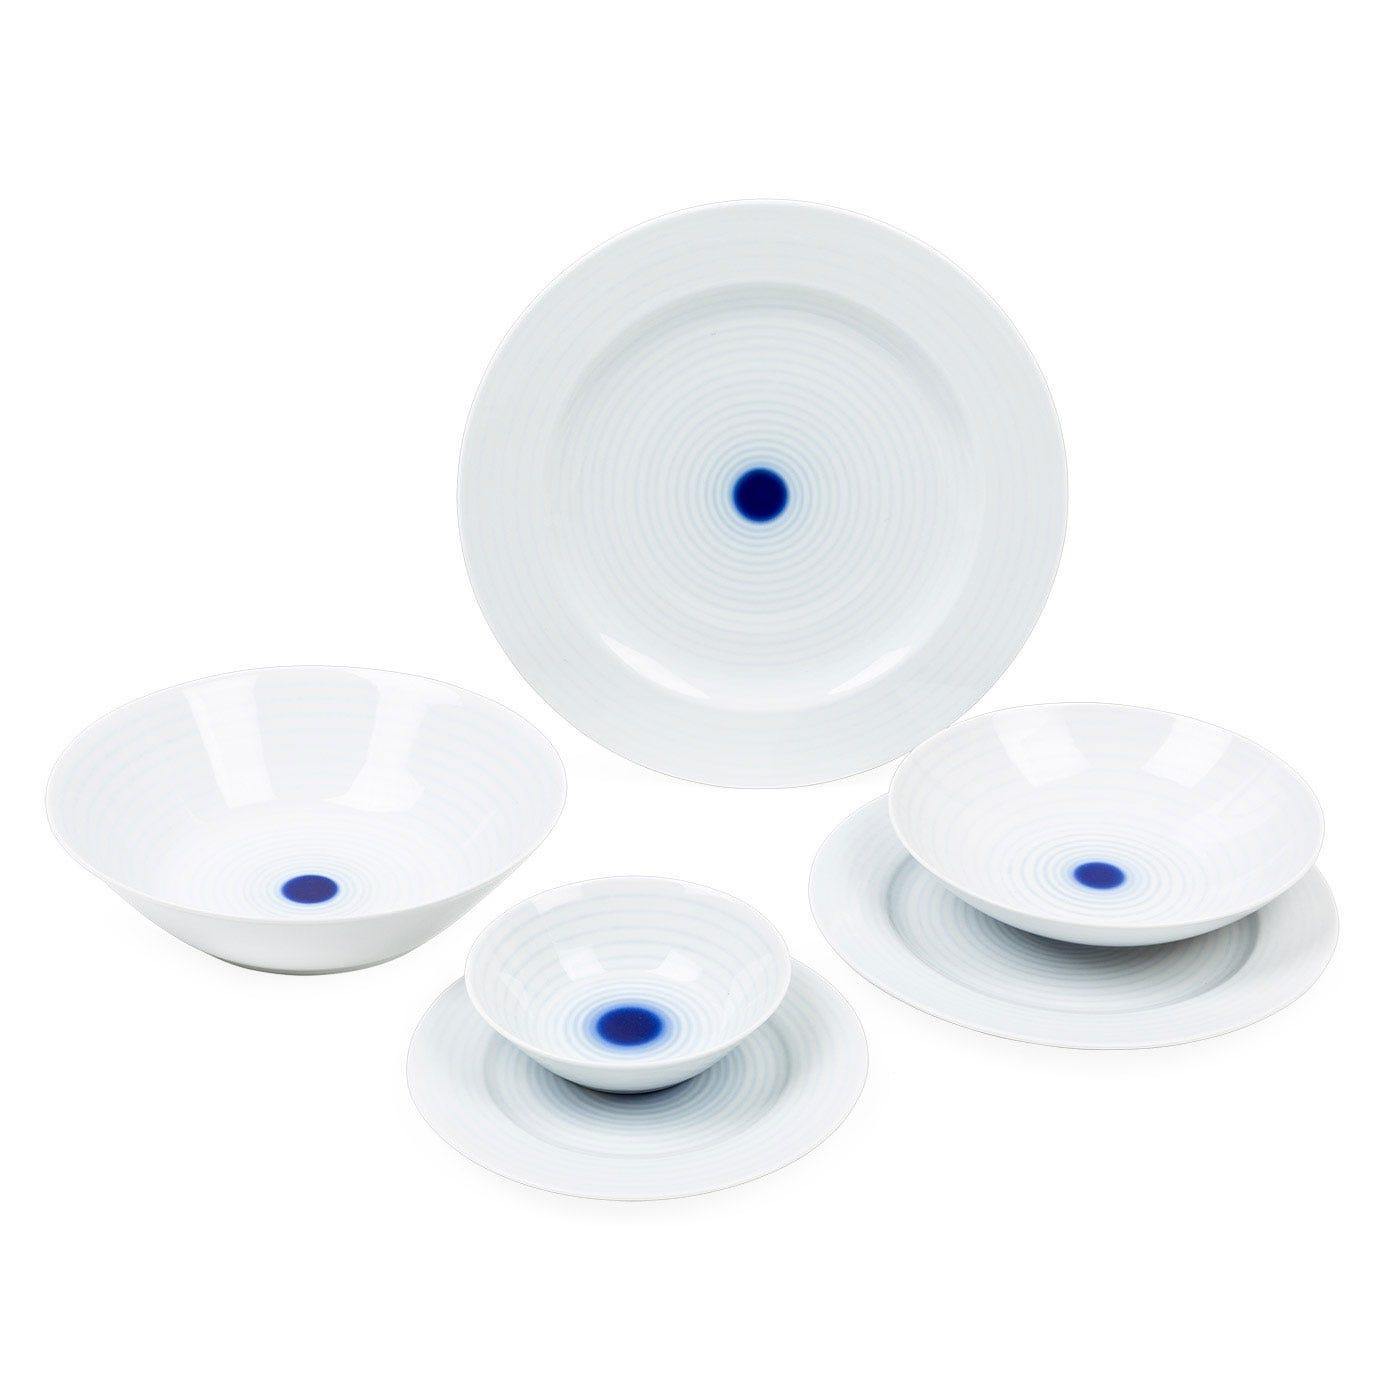 Spiral Dinnerware